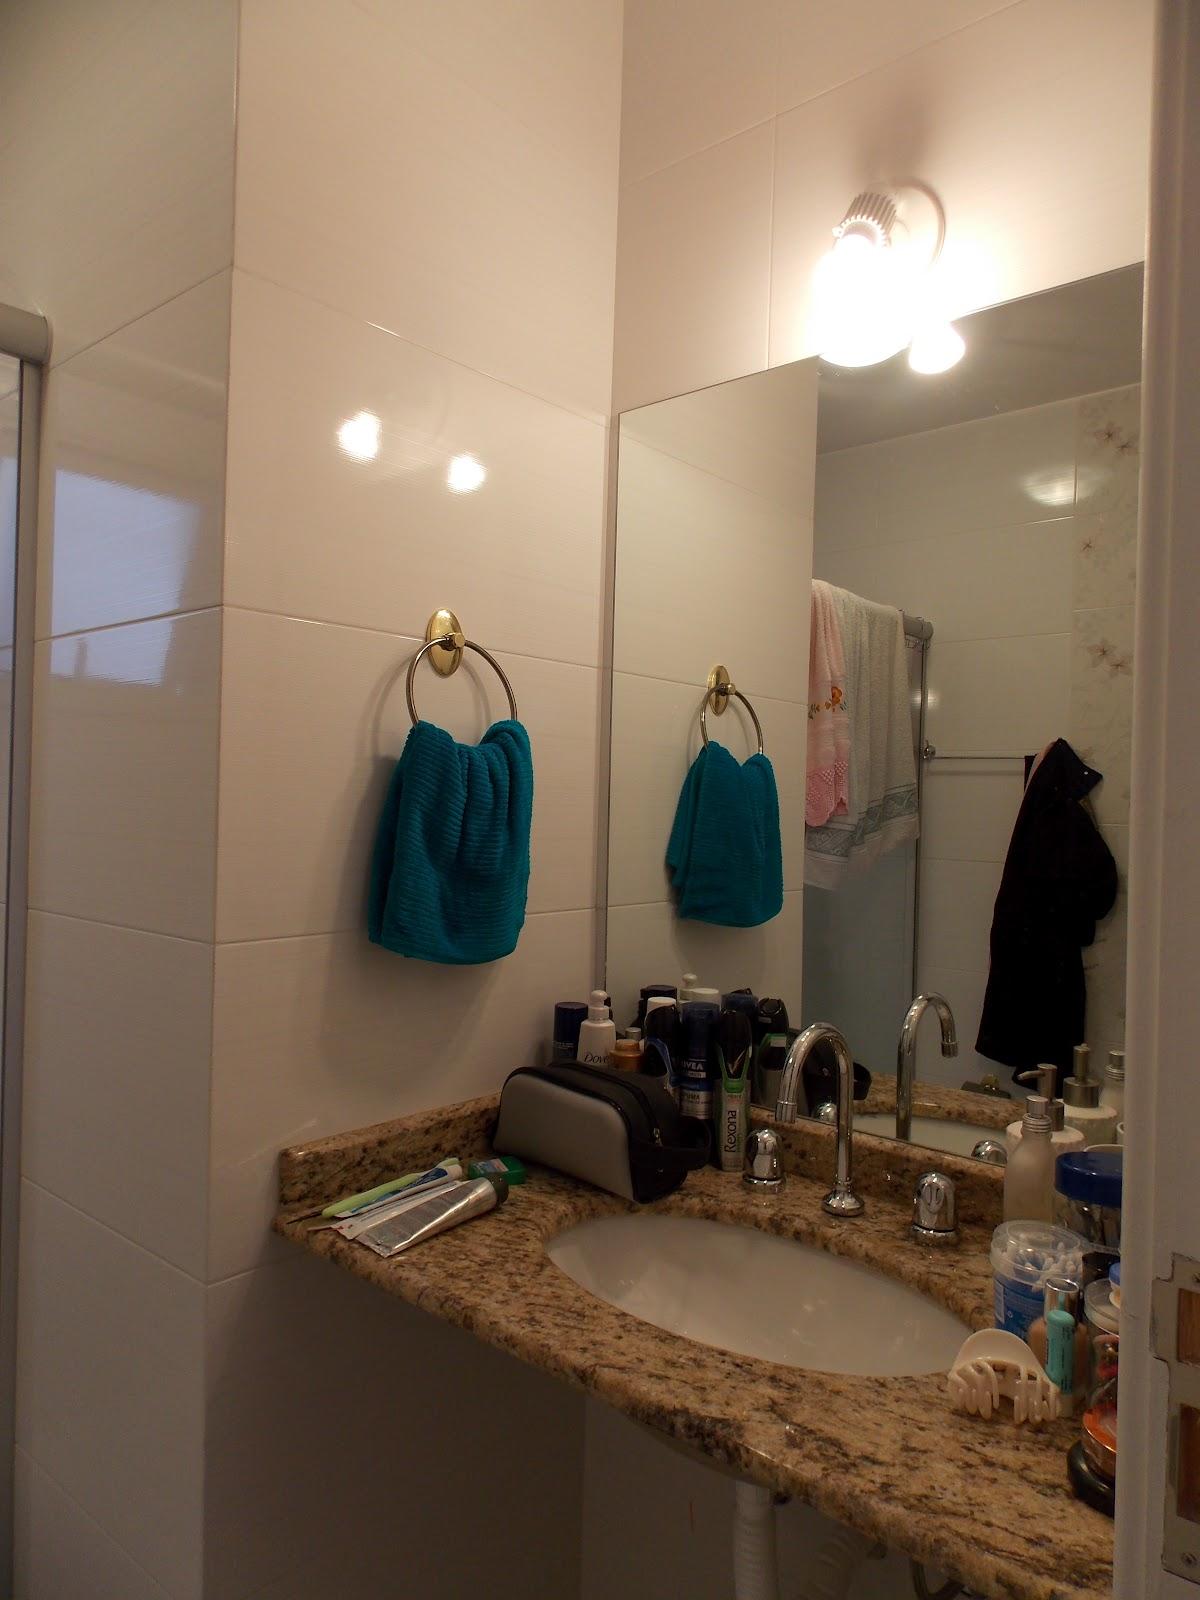 de casamento casa e maternidade: Mudei: Banheiros (em andamento #9B6730 1200x1600 Acessorios Banheiro Tok Stok